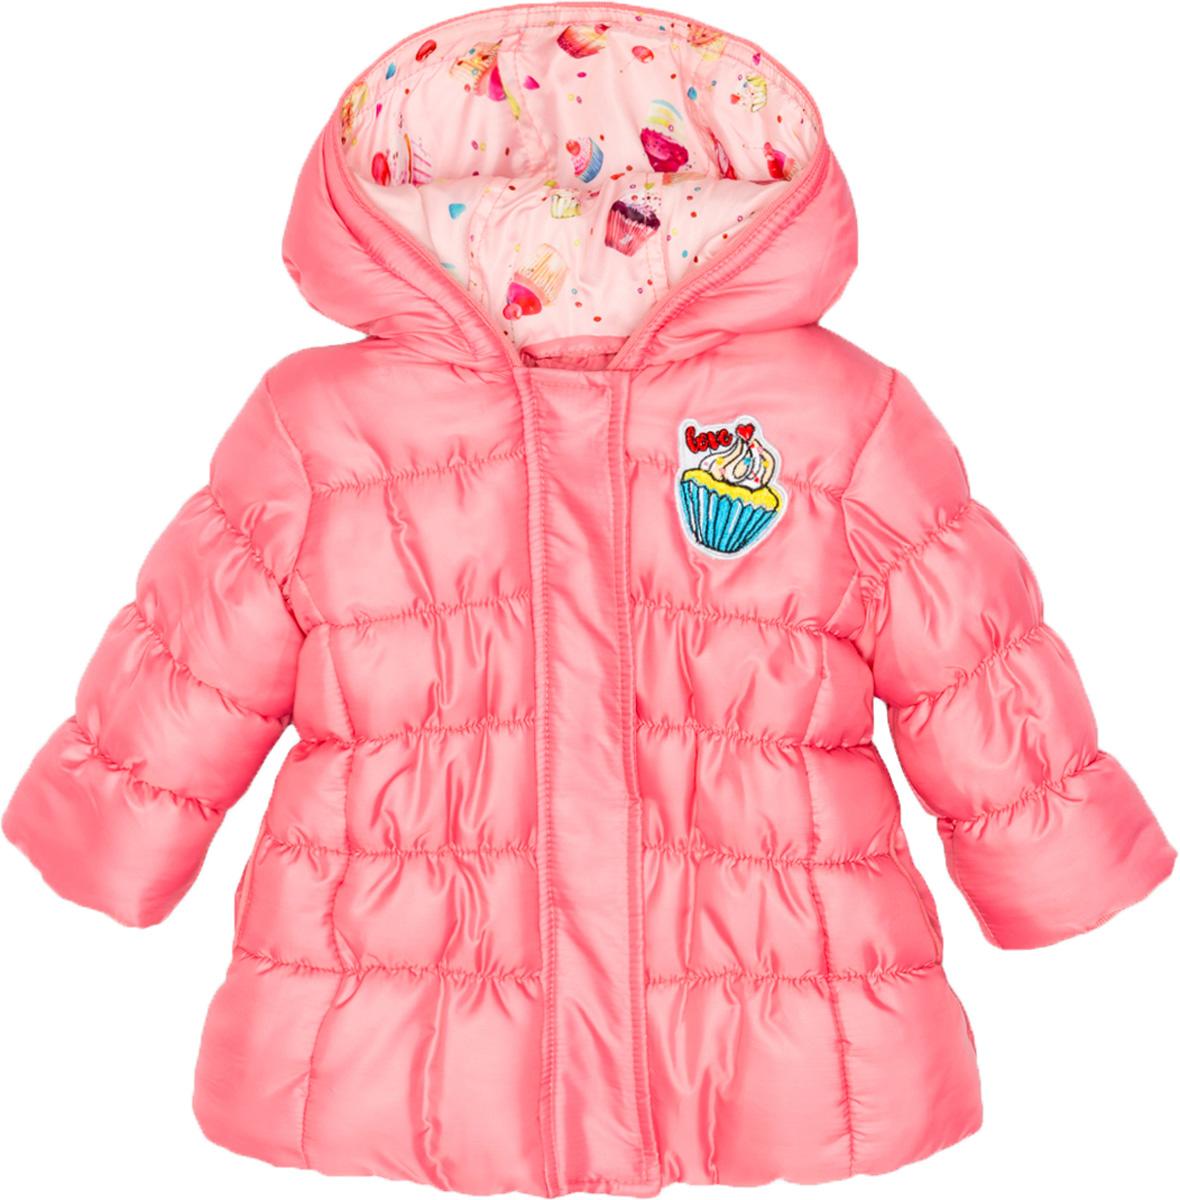 Куртка для девочки Maloo by Acoola Vulpix, цвет: розовый. 22250130008_1400. Размер 9222250130008_1400Стеганая куртка для девочки Maloo by Acoola Vulpix, оформленная яркой нашивкой, станет отличным дополнением гардероба маленькой принцессы. Модель А-силуэта с несъемным капюшоном выполнена из качественного материала и застегивается на молнию с ветрозащитной планкой на кнопках.